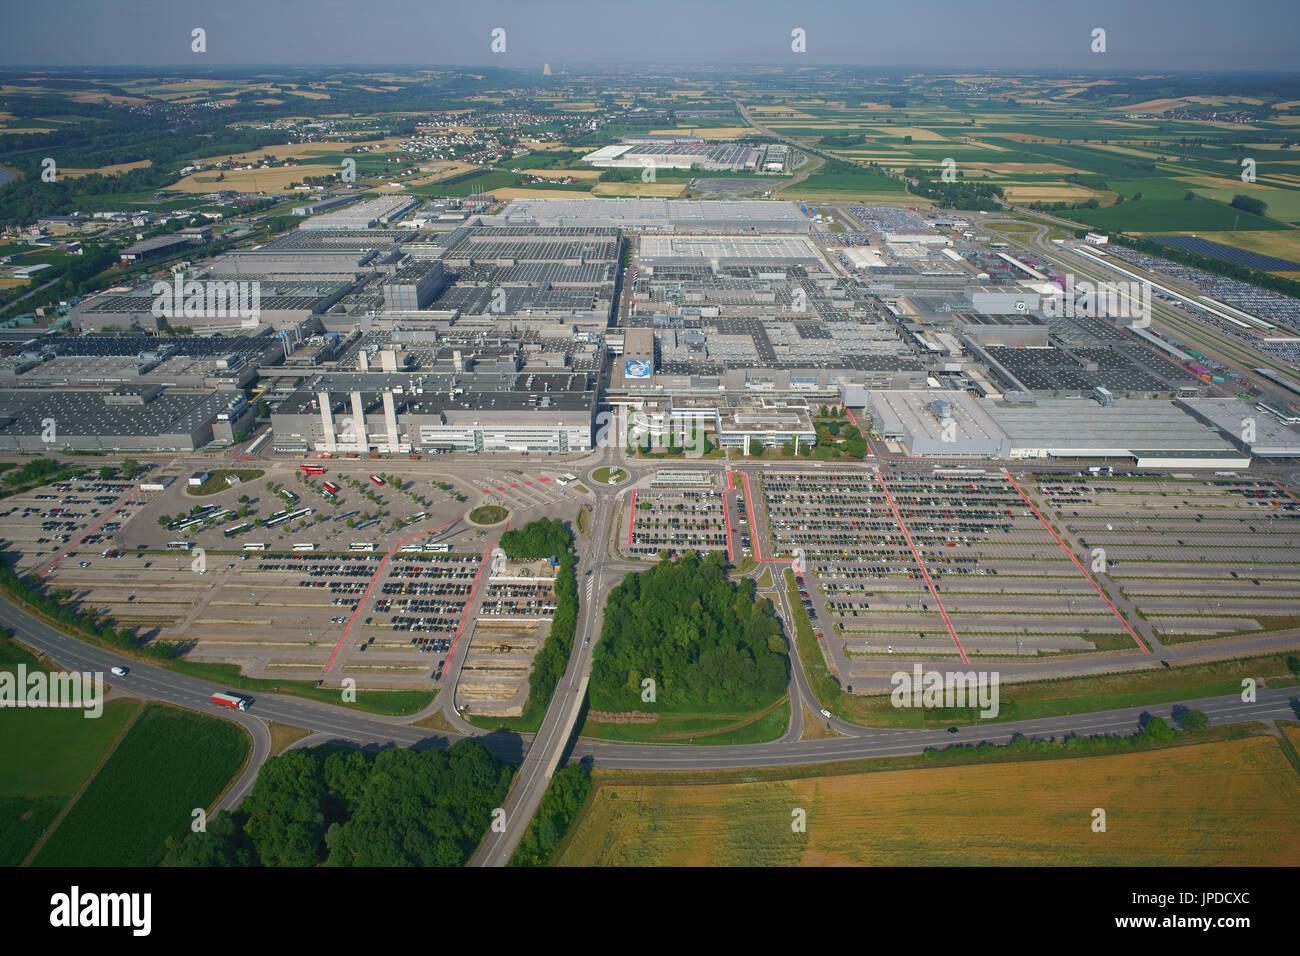 MEGA USINE AVEC UNE PRODUCTION ANNUELLE DE 340 000 voitures (en 2015) (vue aérienne). L'usine du groupe BMW de Dingolfing, Bavière, Allemagne. Photo Stock